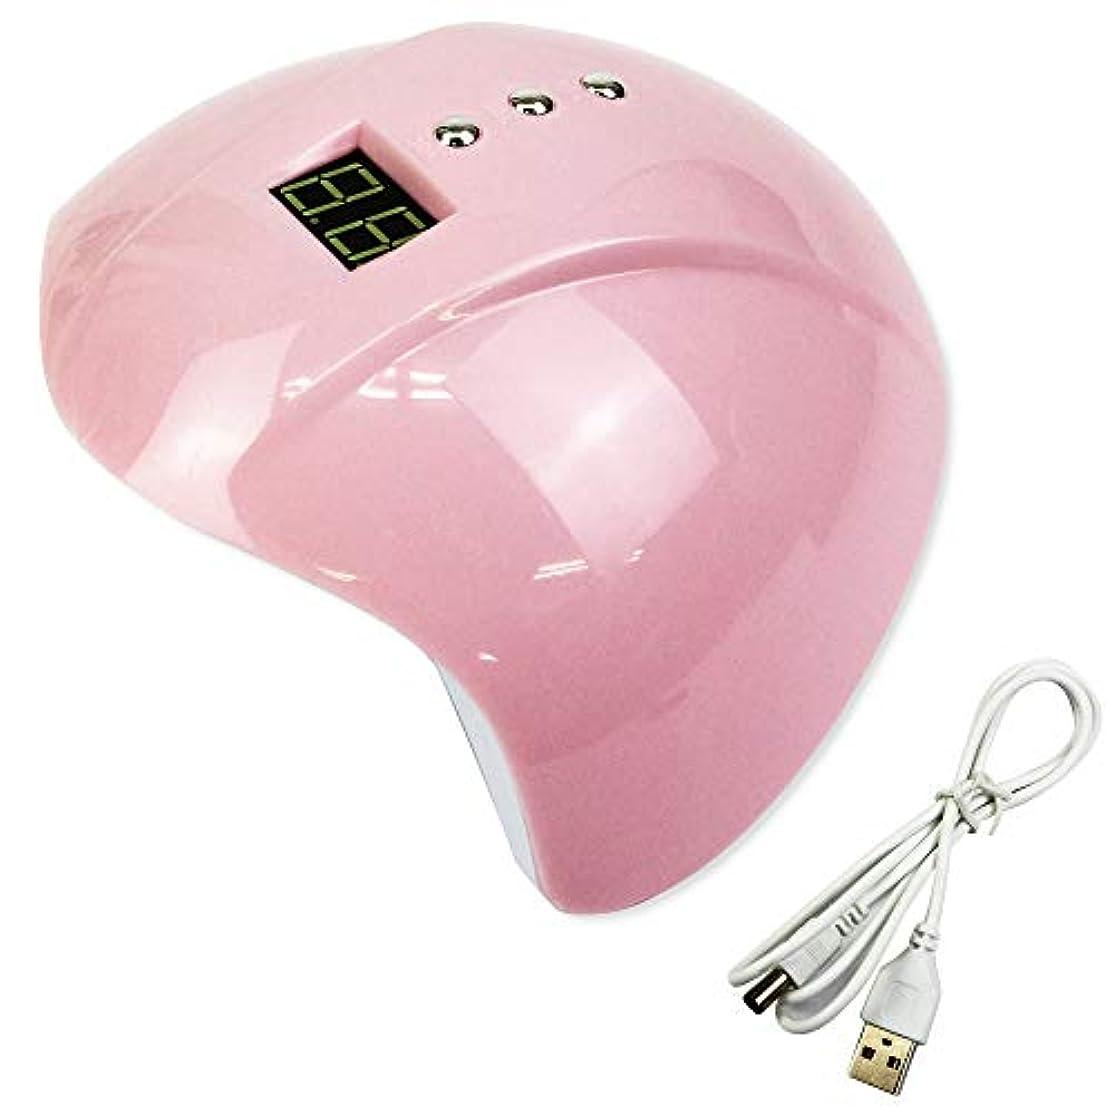 入植者身元期待してMUGEN ネイル LEDライト 硬化 ネイルドライヤー ジェルネイル UVライト 3段階タイマー ネイル道具 (ピンク)